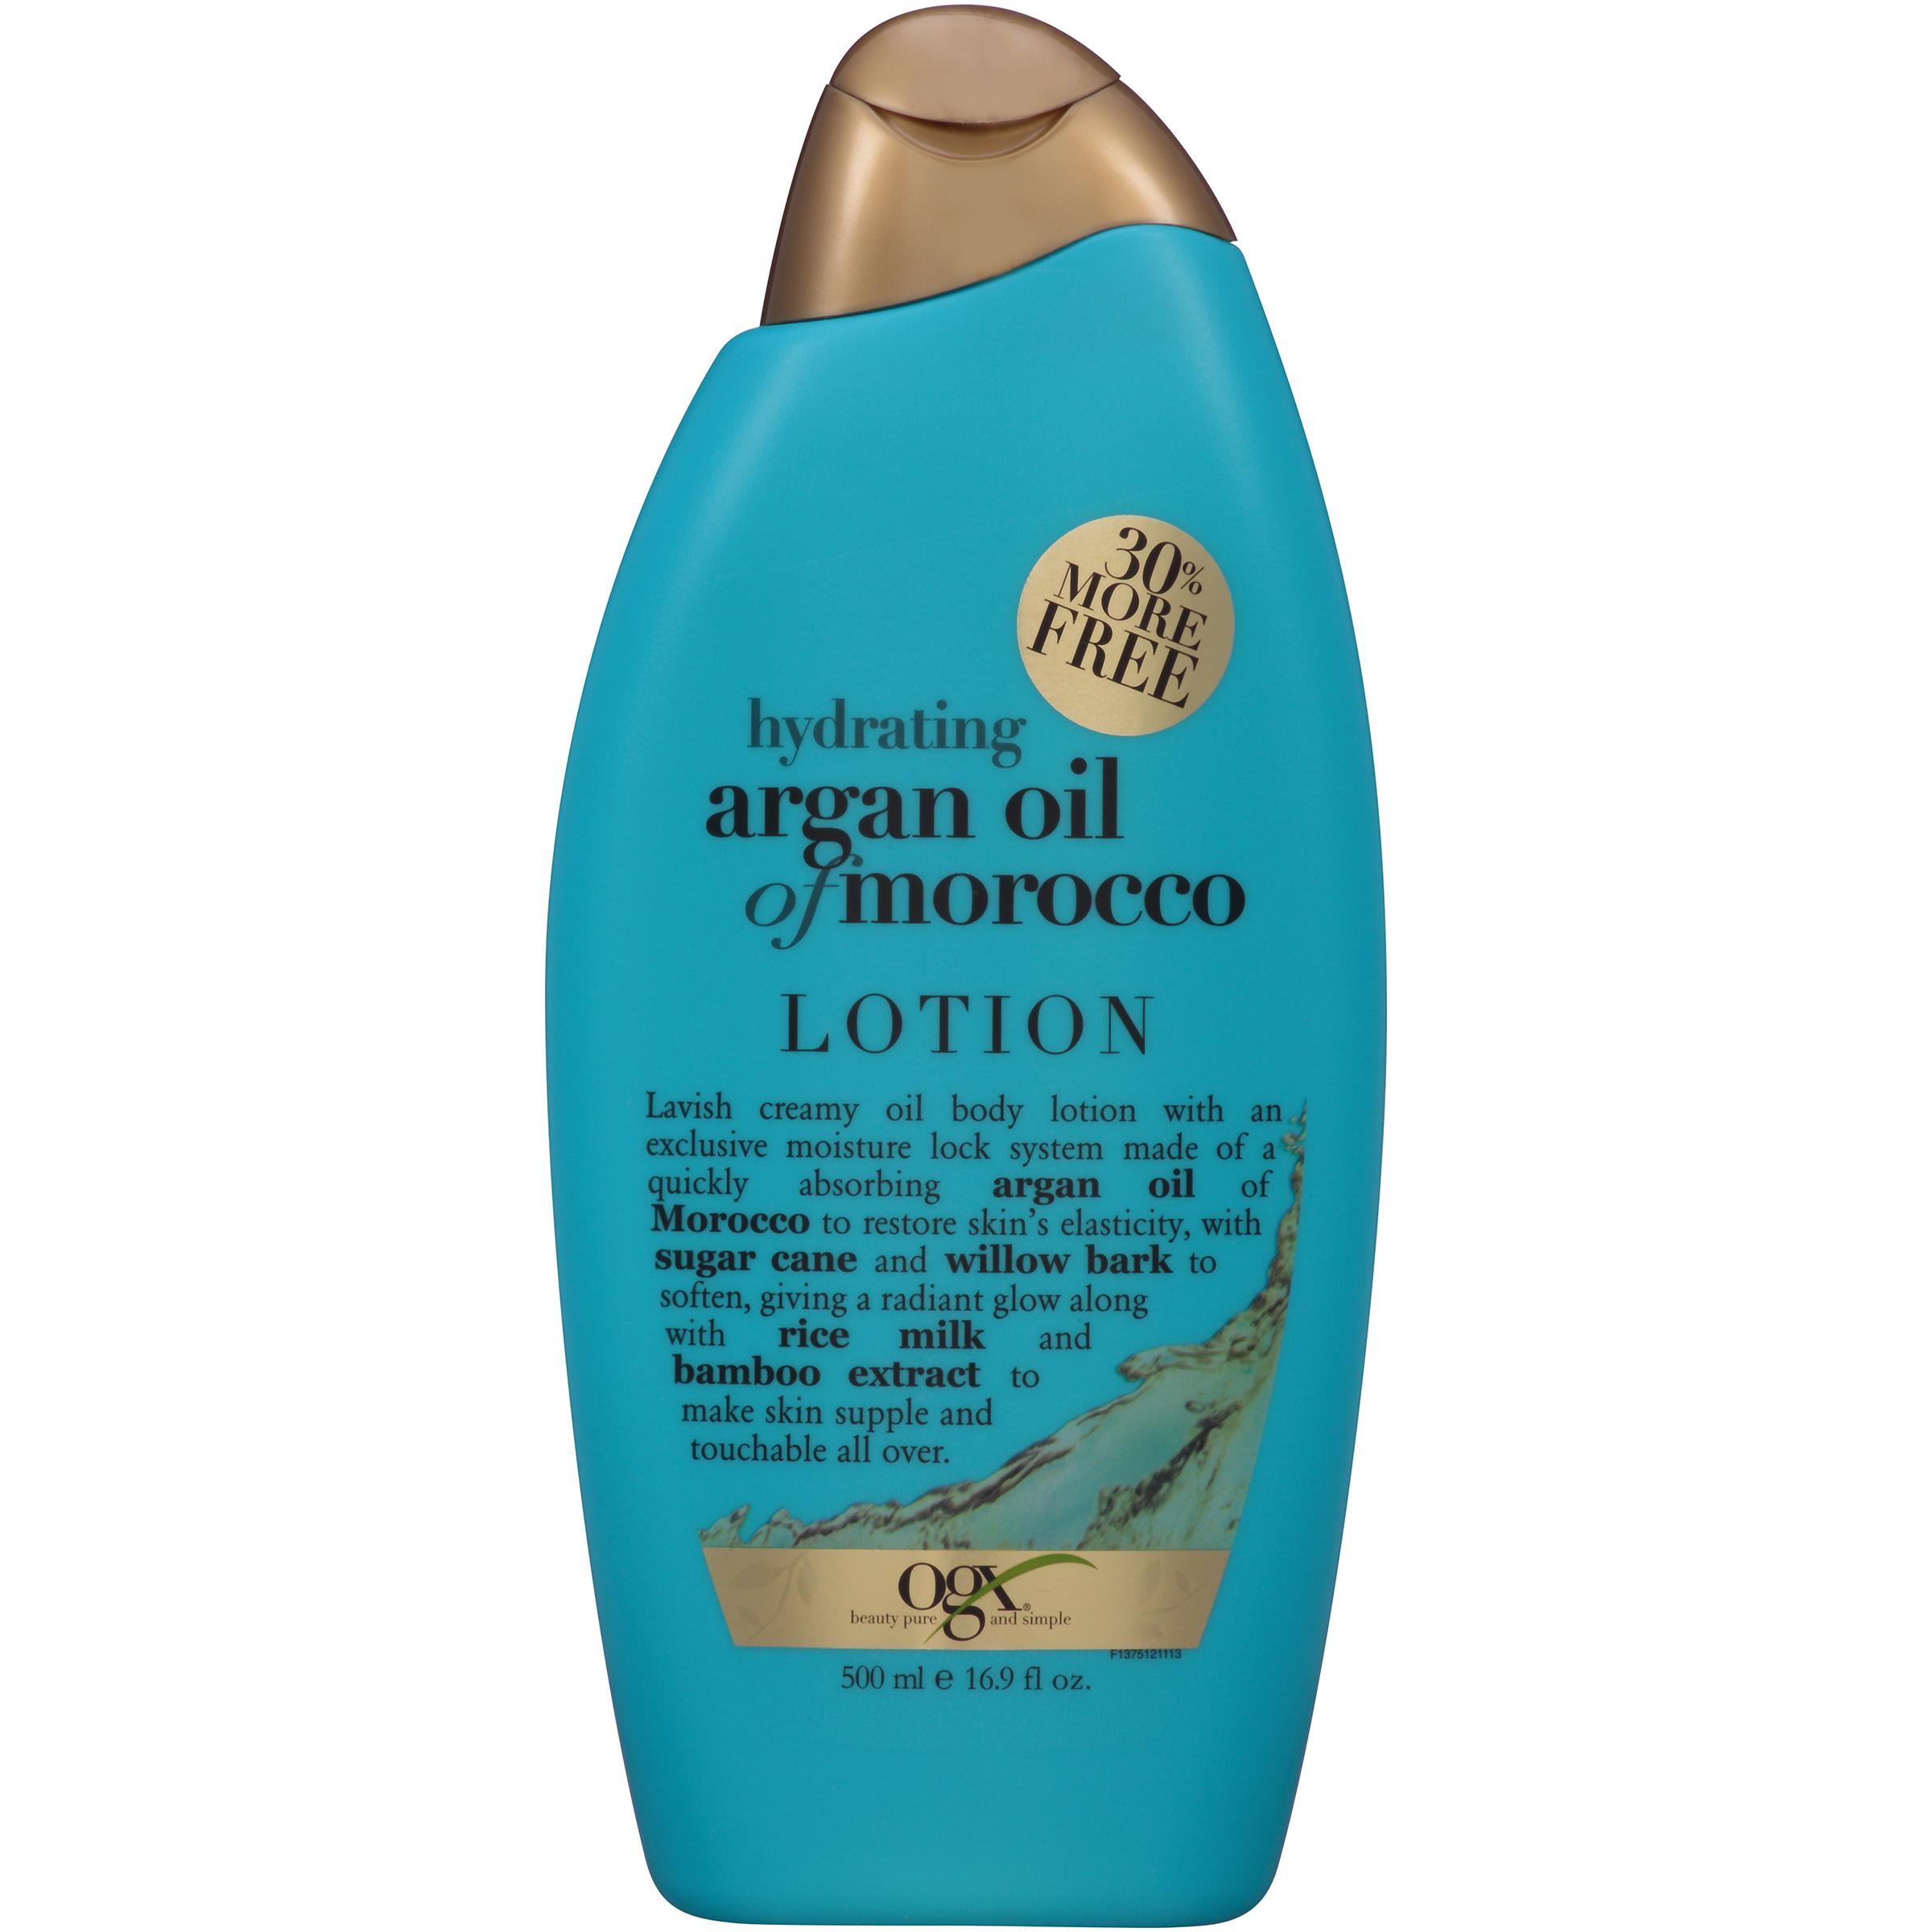 OGX�� Hydrating Argan Oil of Morocco Creamy Oil Body Lotion 16.9 fl. oz. Bottle